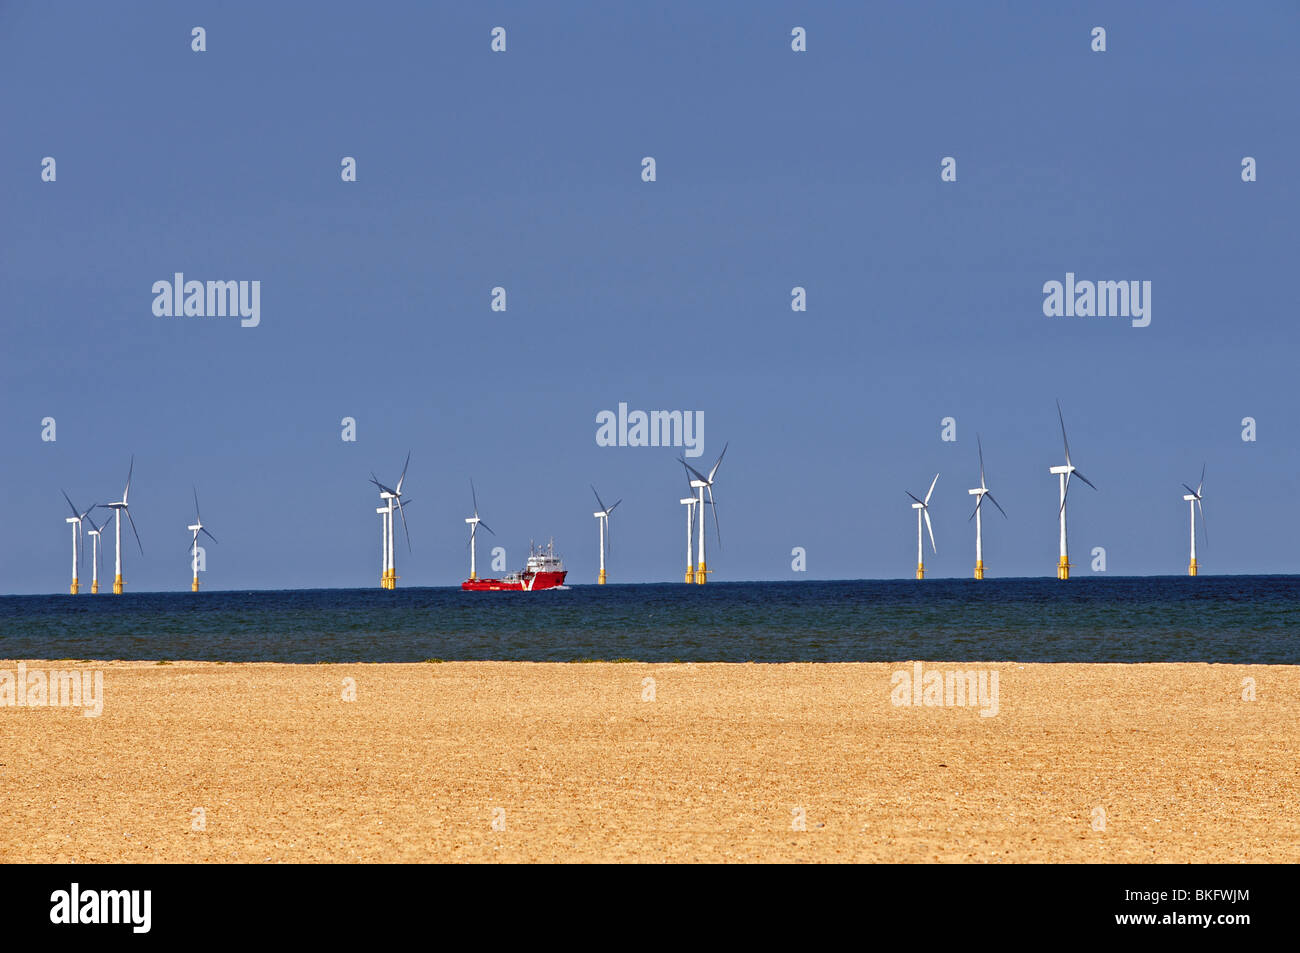 Off shore windfarm, UK. - Stock Image